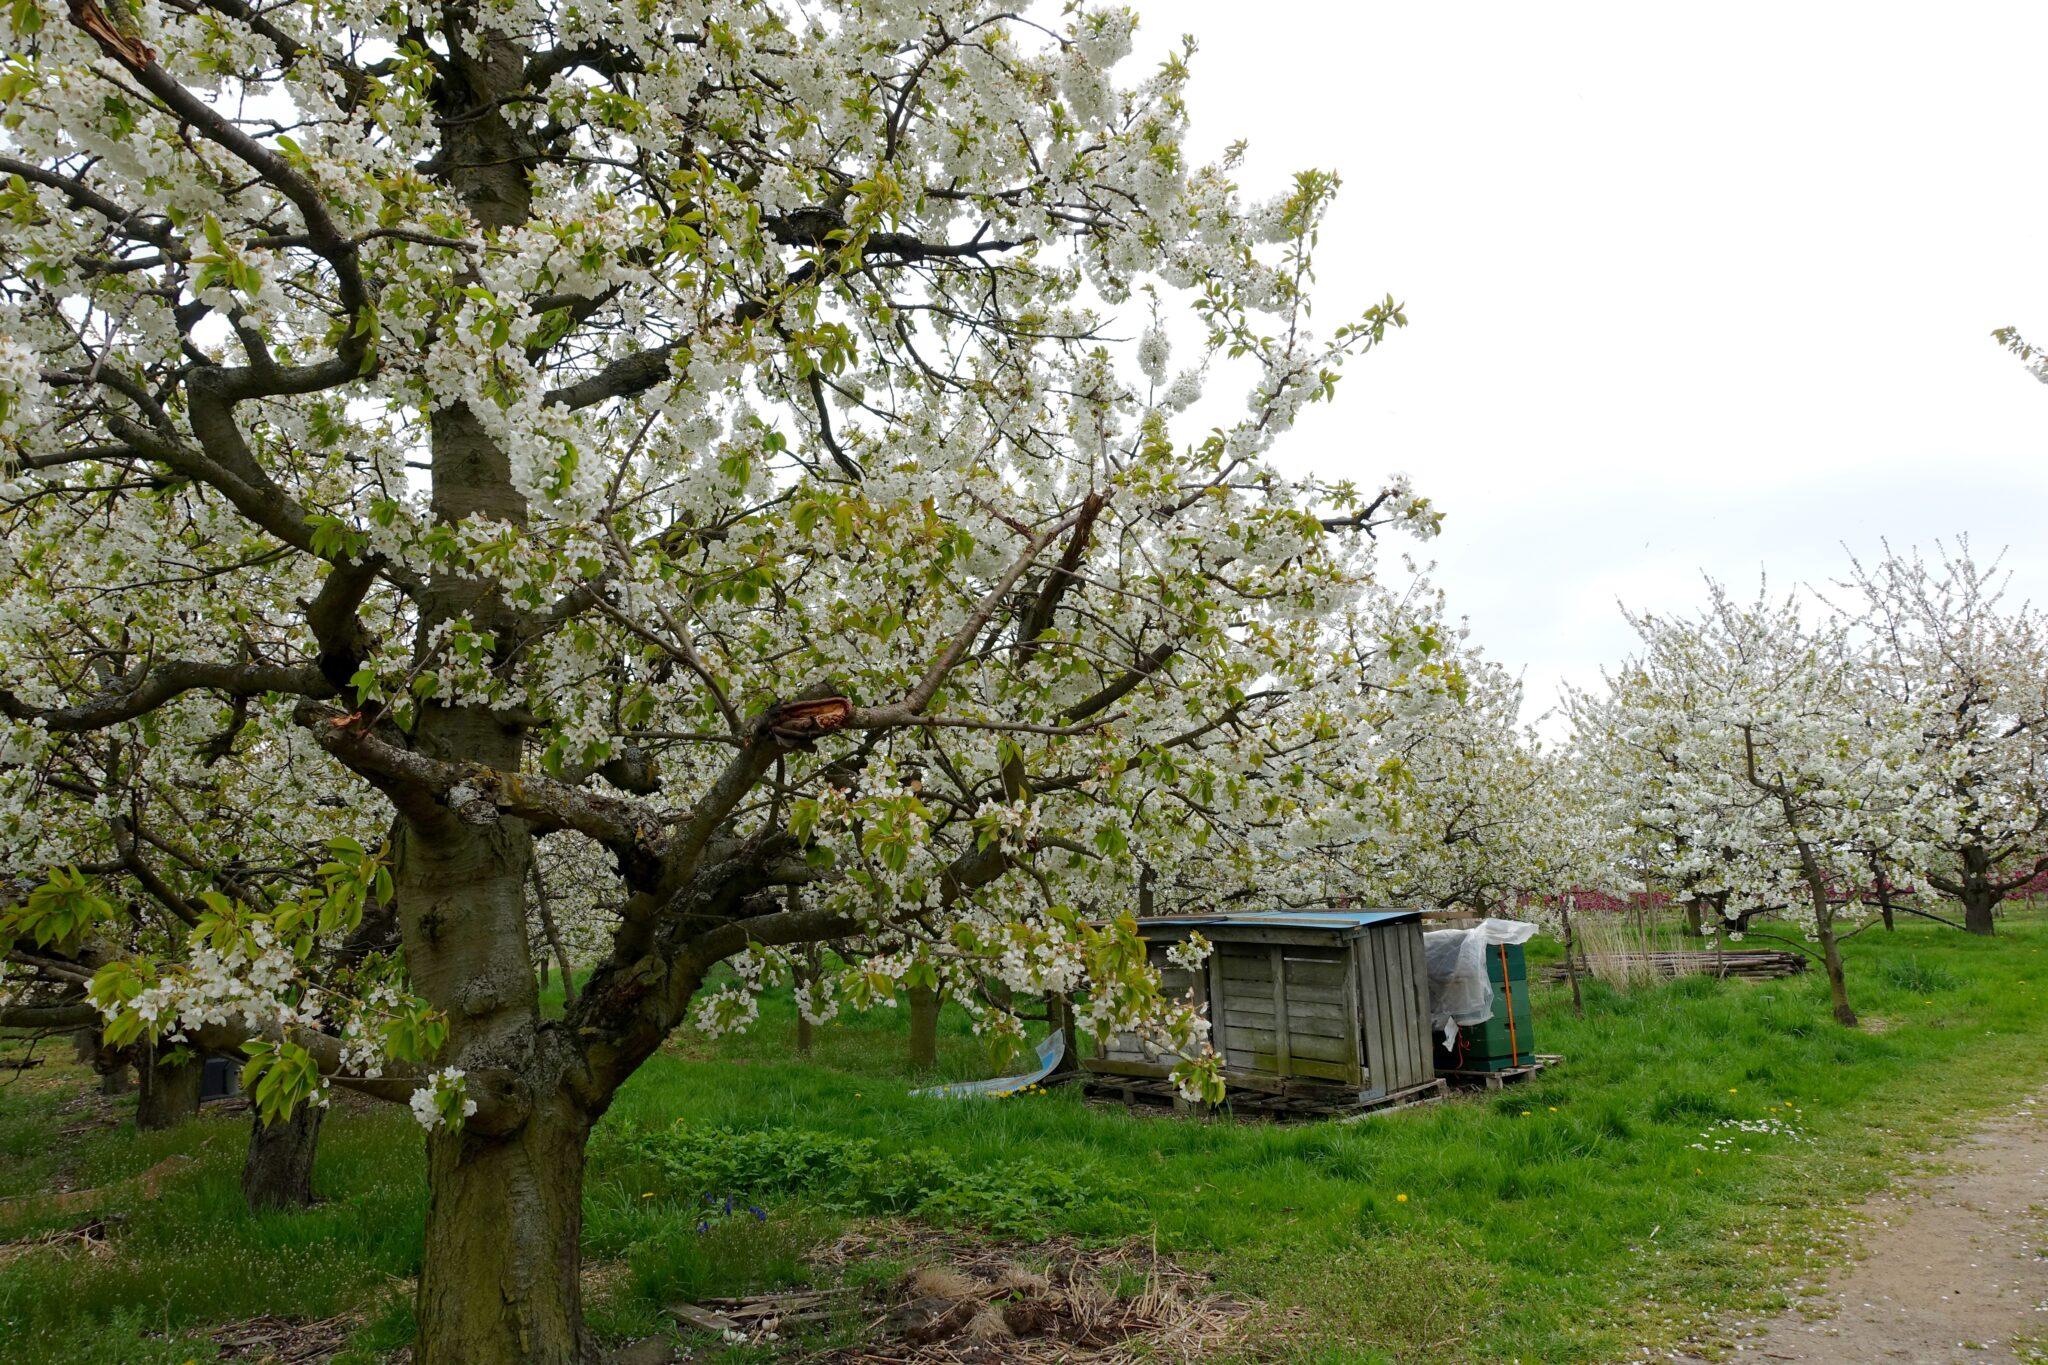 Apfelblüte Altes Land: Zur Apfelblüte im Alten Land